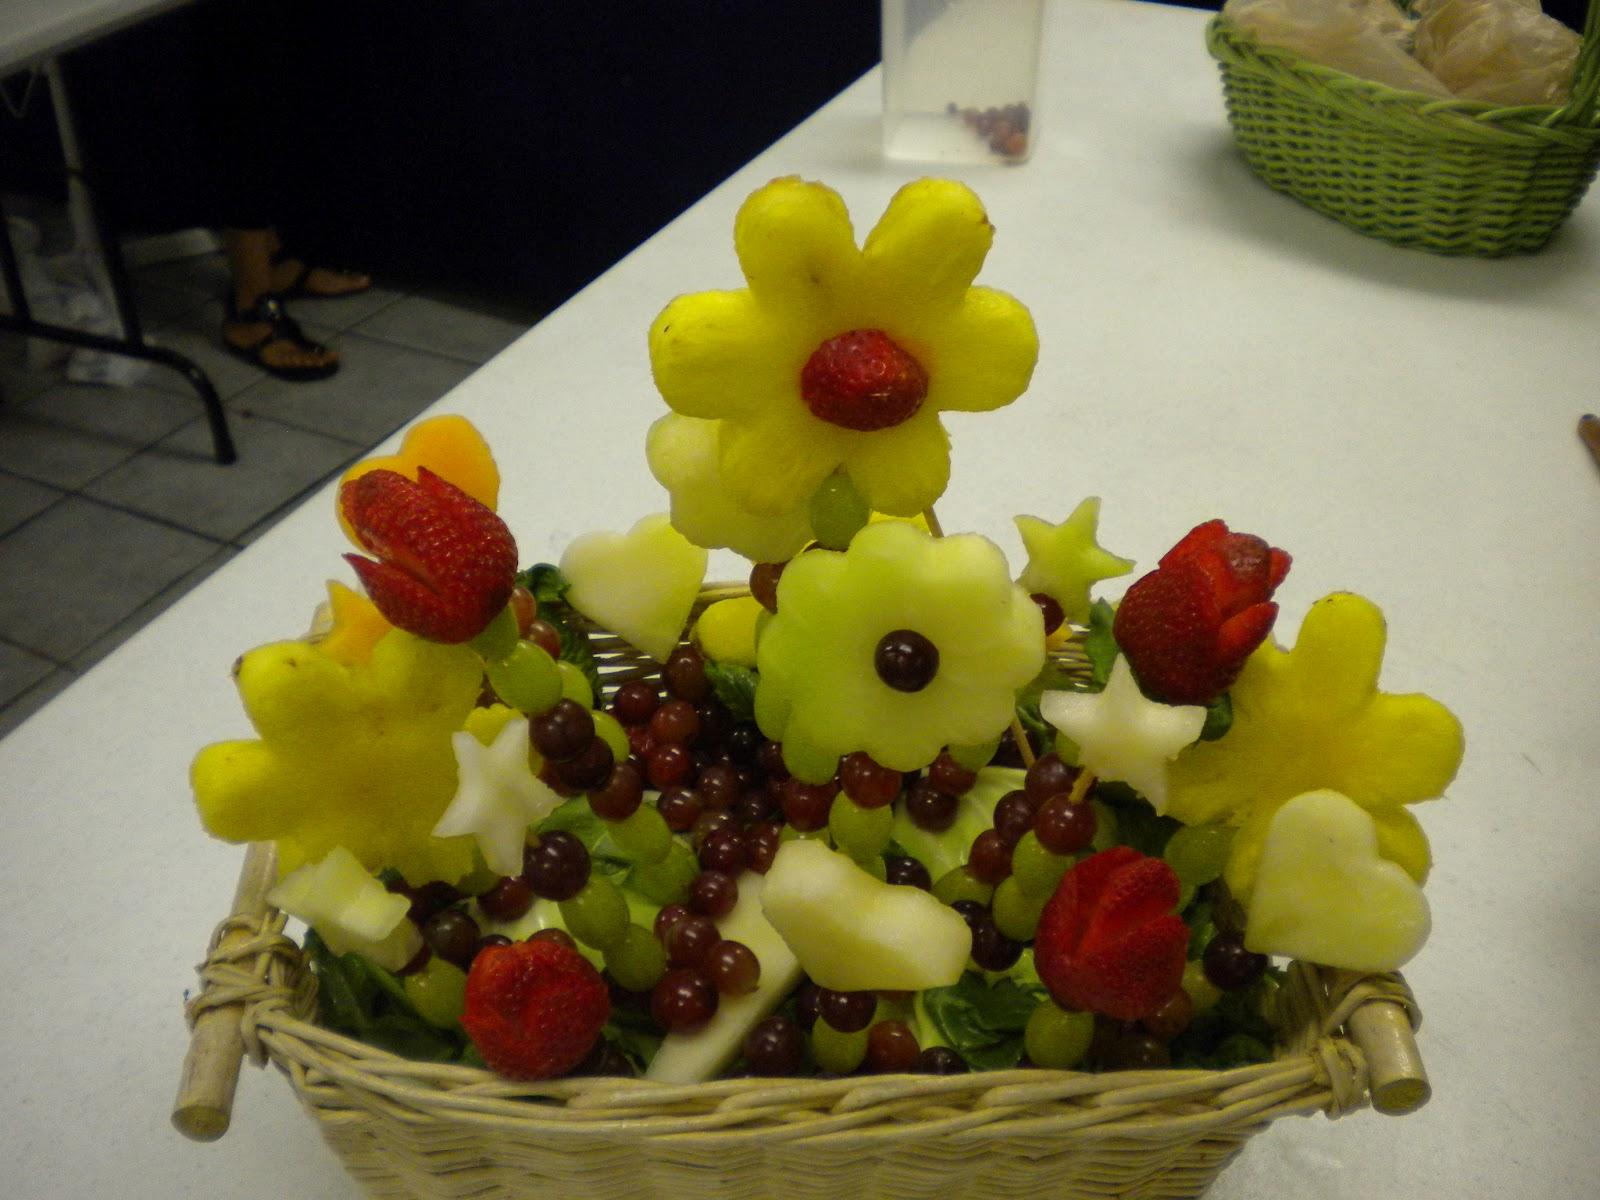 Canastas de frutas para baby shower arreglos con frutas - Decoracion de frutas ...